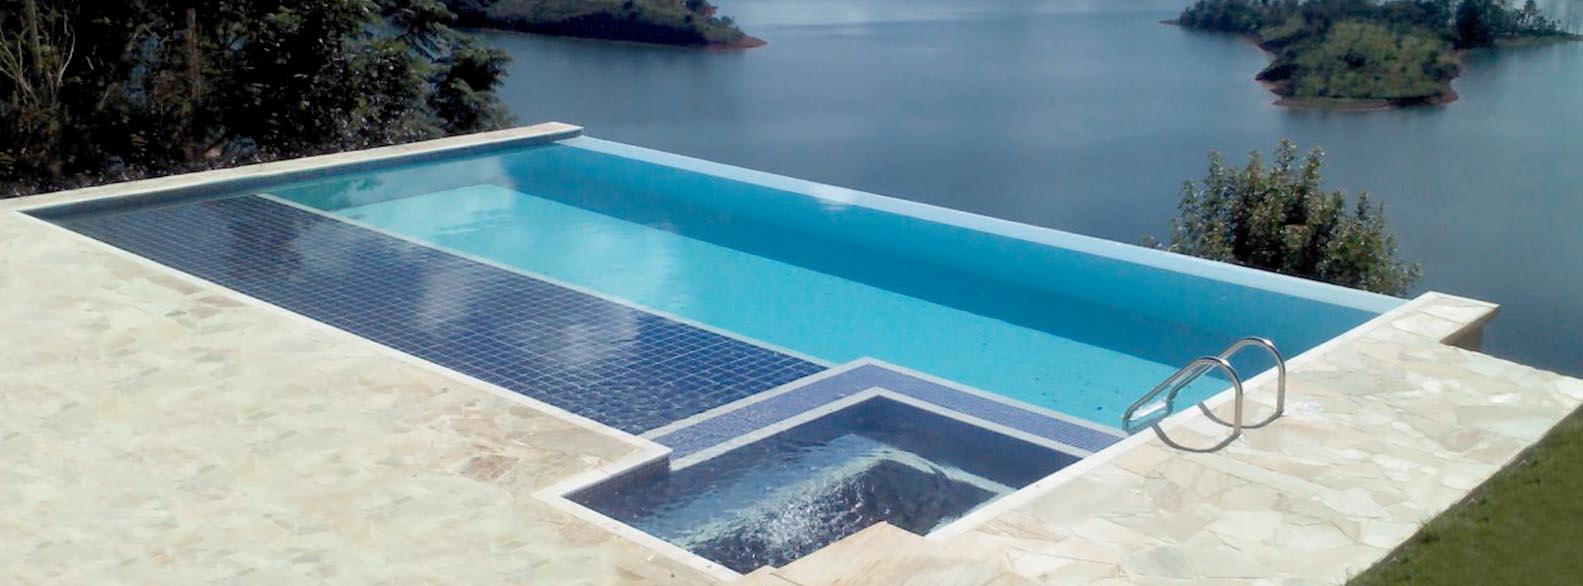 Piscina de azulejo piscina de concreto e piscina de alvenaria - Fotos de piscina ...